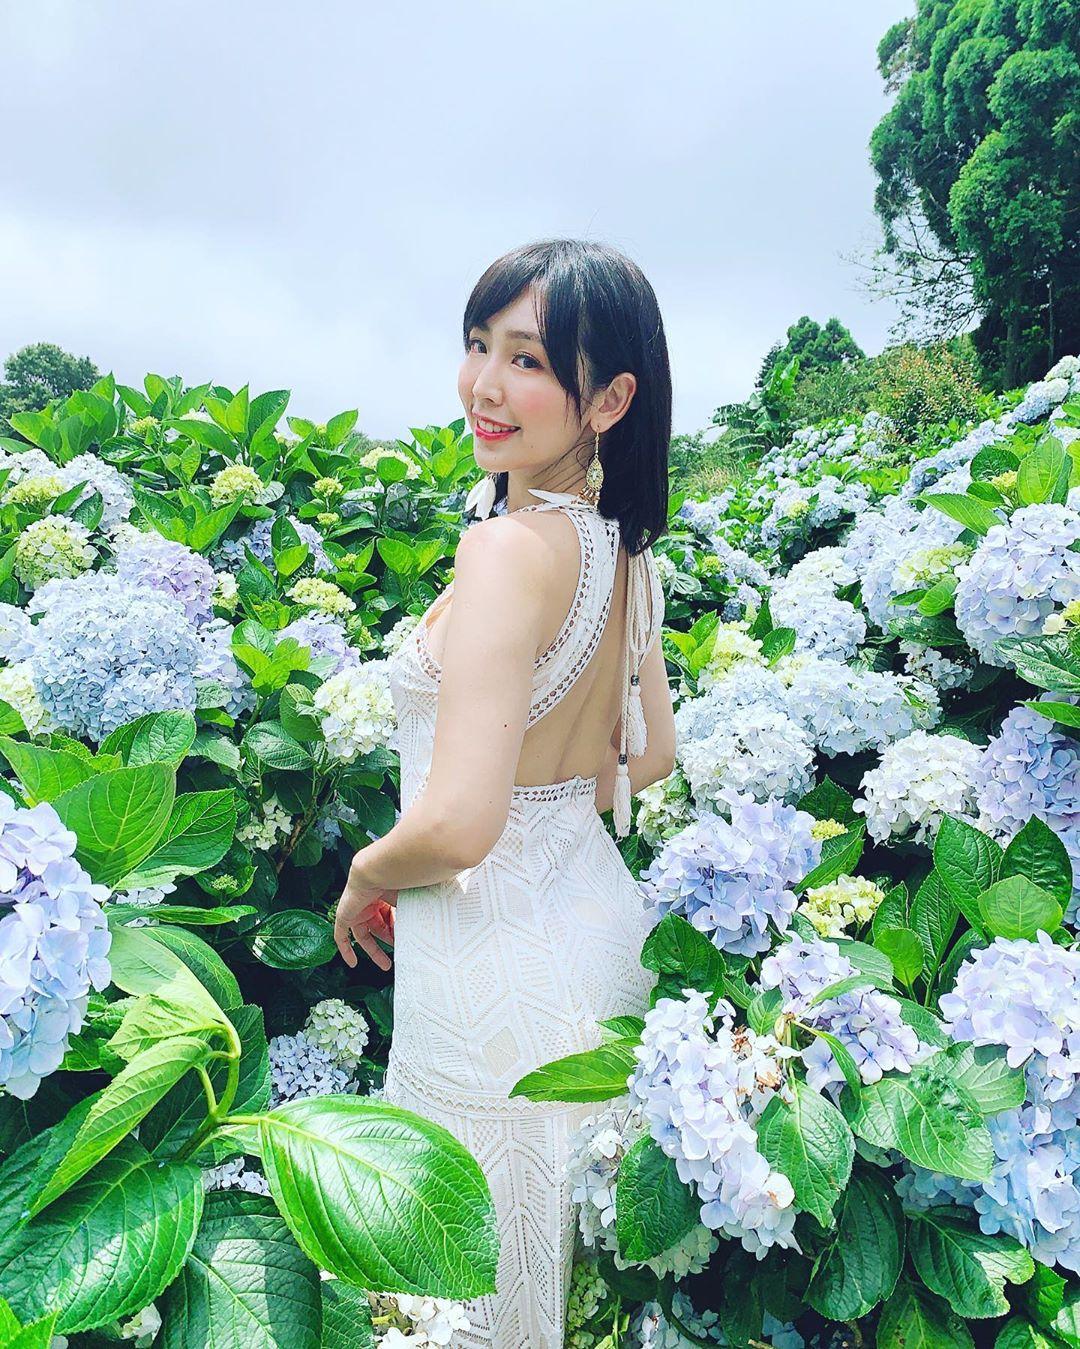 台版新垣结衣「希希CC」迷人又甜美的JKF女郎,太吸睛了!插图12